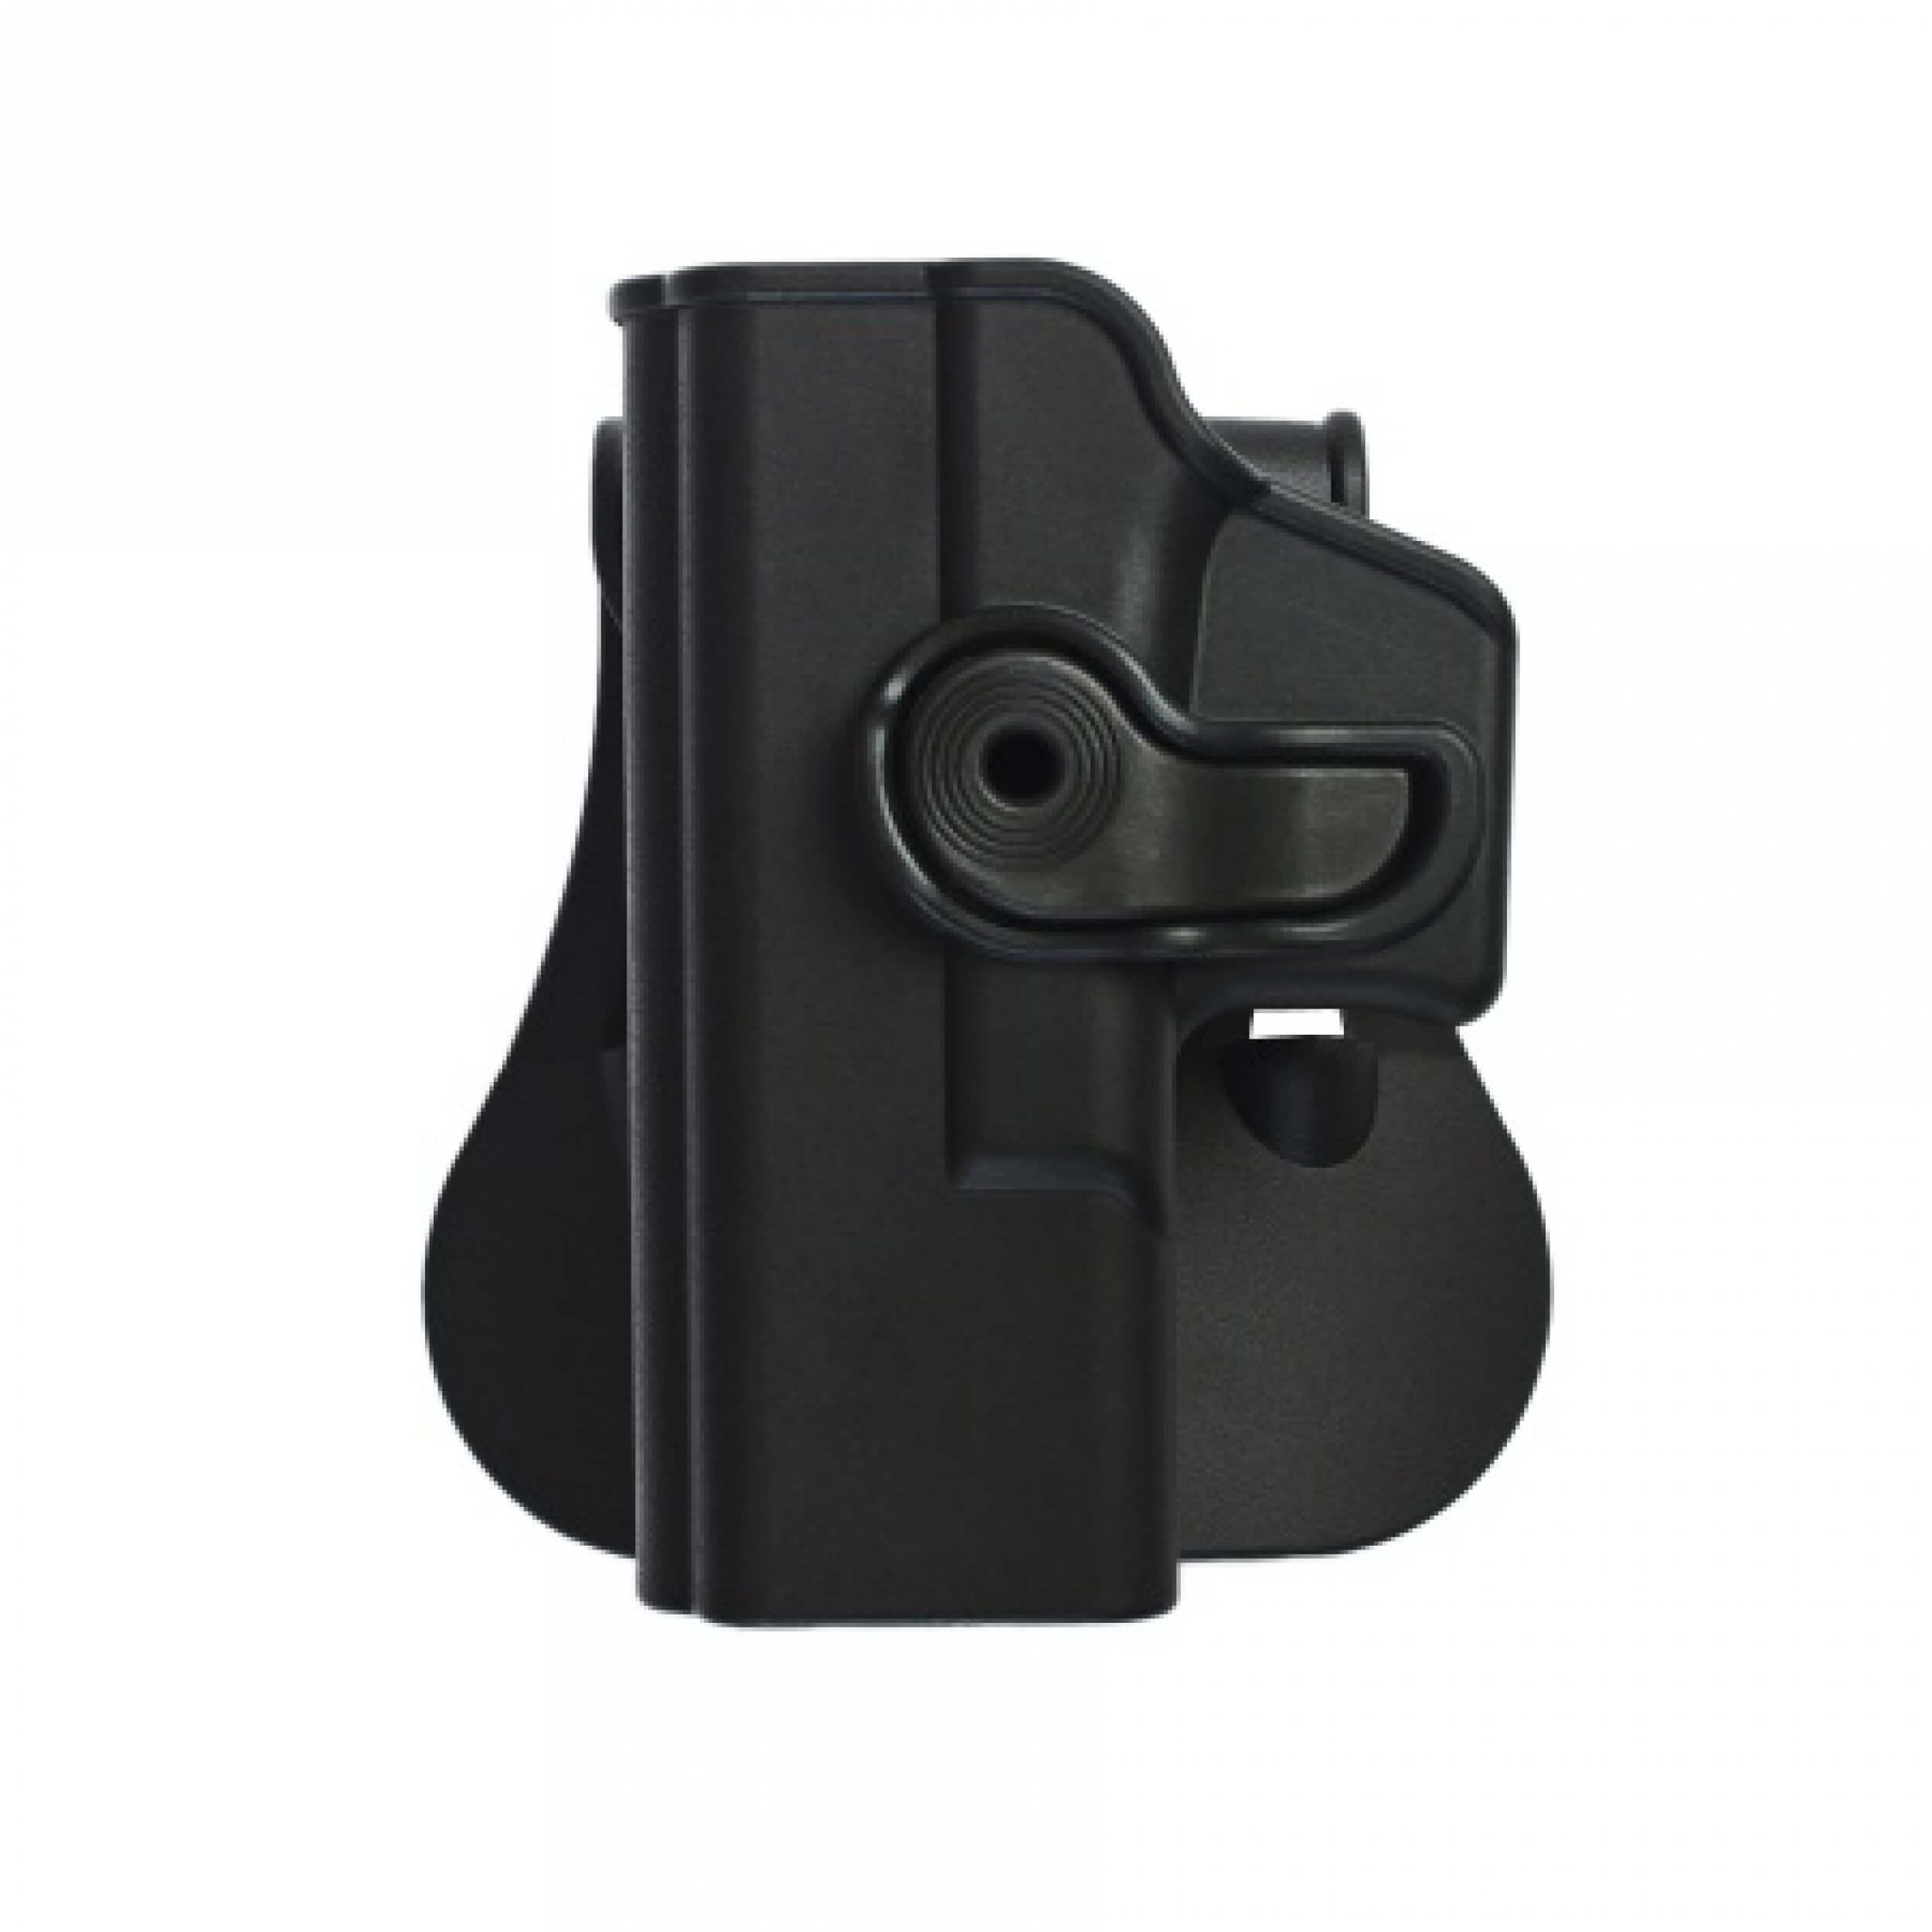 Polymer Retention Roto Holster Glock 17/22/28/31/34 Gen 4 und 5 Compatible (LH)